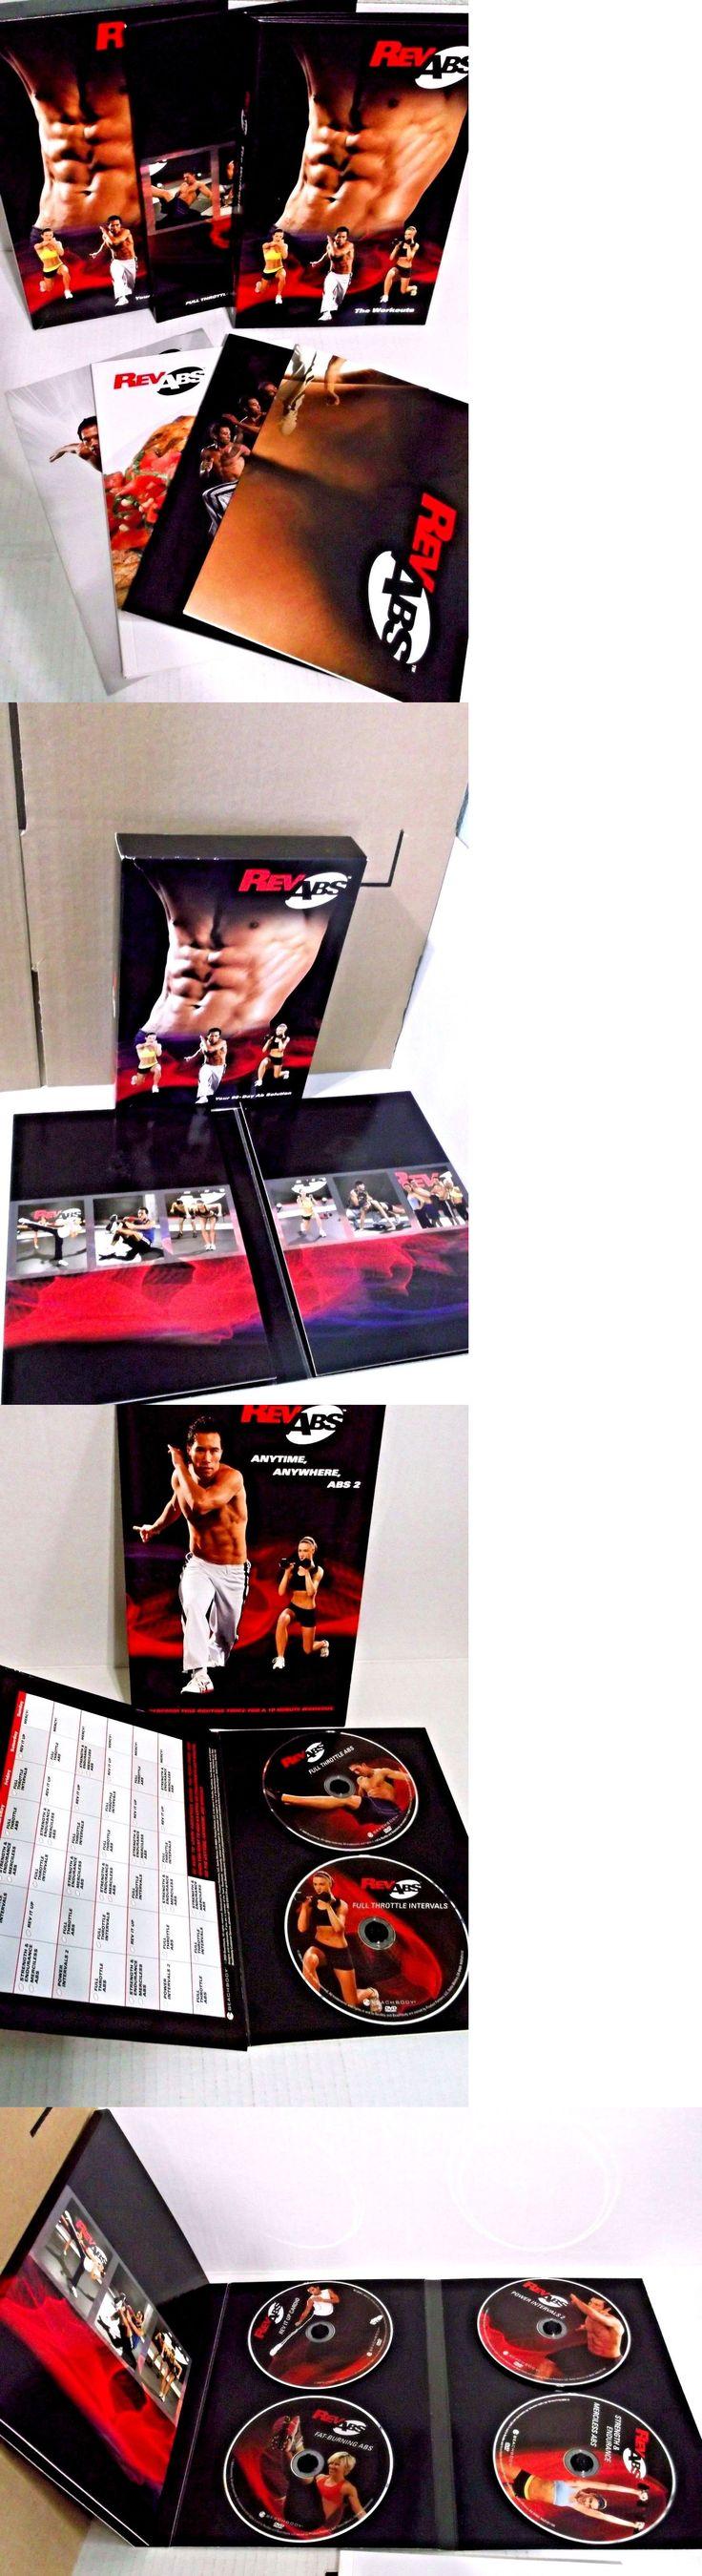 Fitness DVDs 109130: Brett Hoebel 8 Disc Beachbody Set W Guides Plus 2 Disc Full Throttle Intervals -> BUY IT NOW ONLY: $43.99 on eBay!